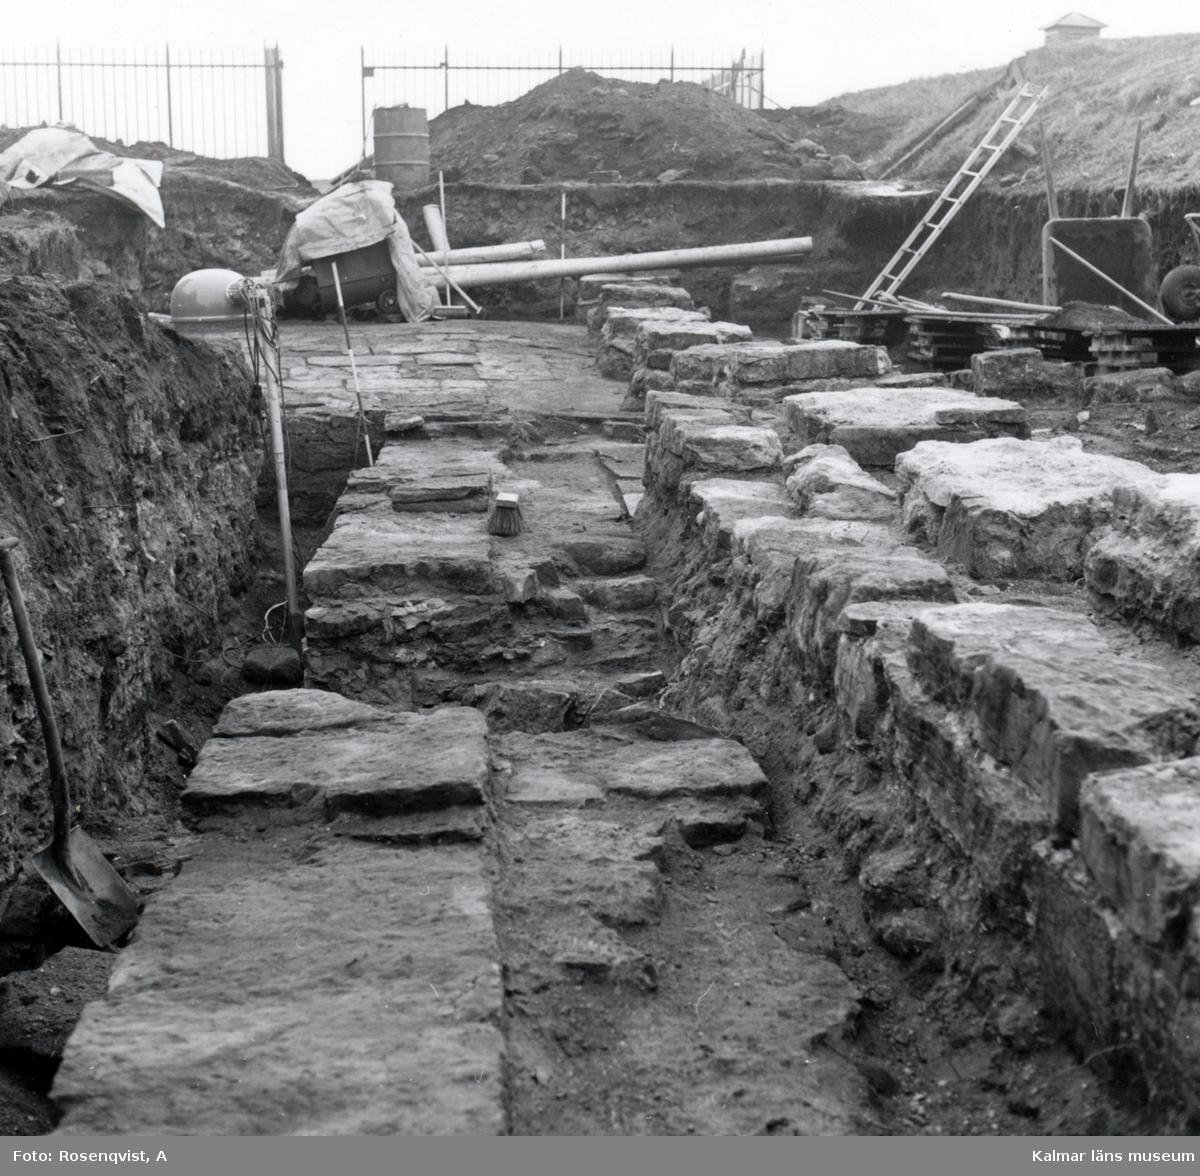 Utgrävning på Kalmar slott. Västra muren och området väster om den sett mot söder. Rapporten: Krutkammaren, vallgraven, västra vallen och  brunnar.